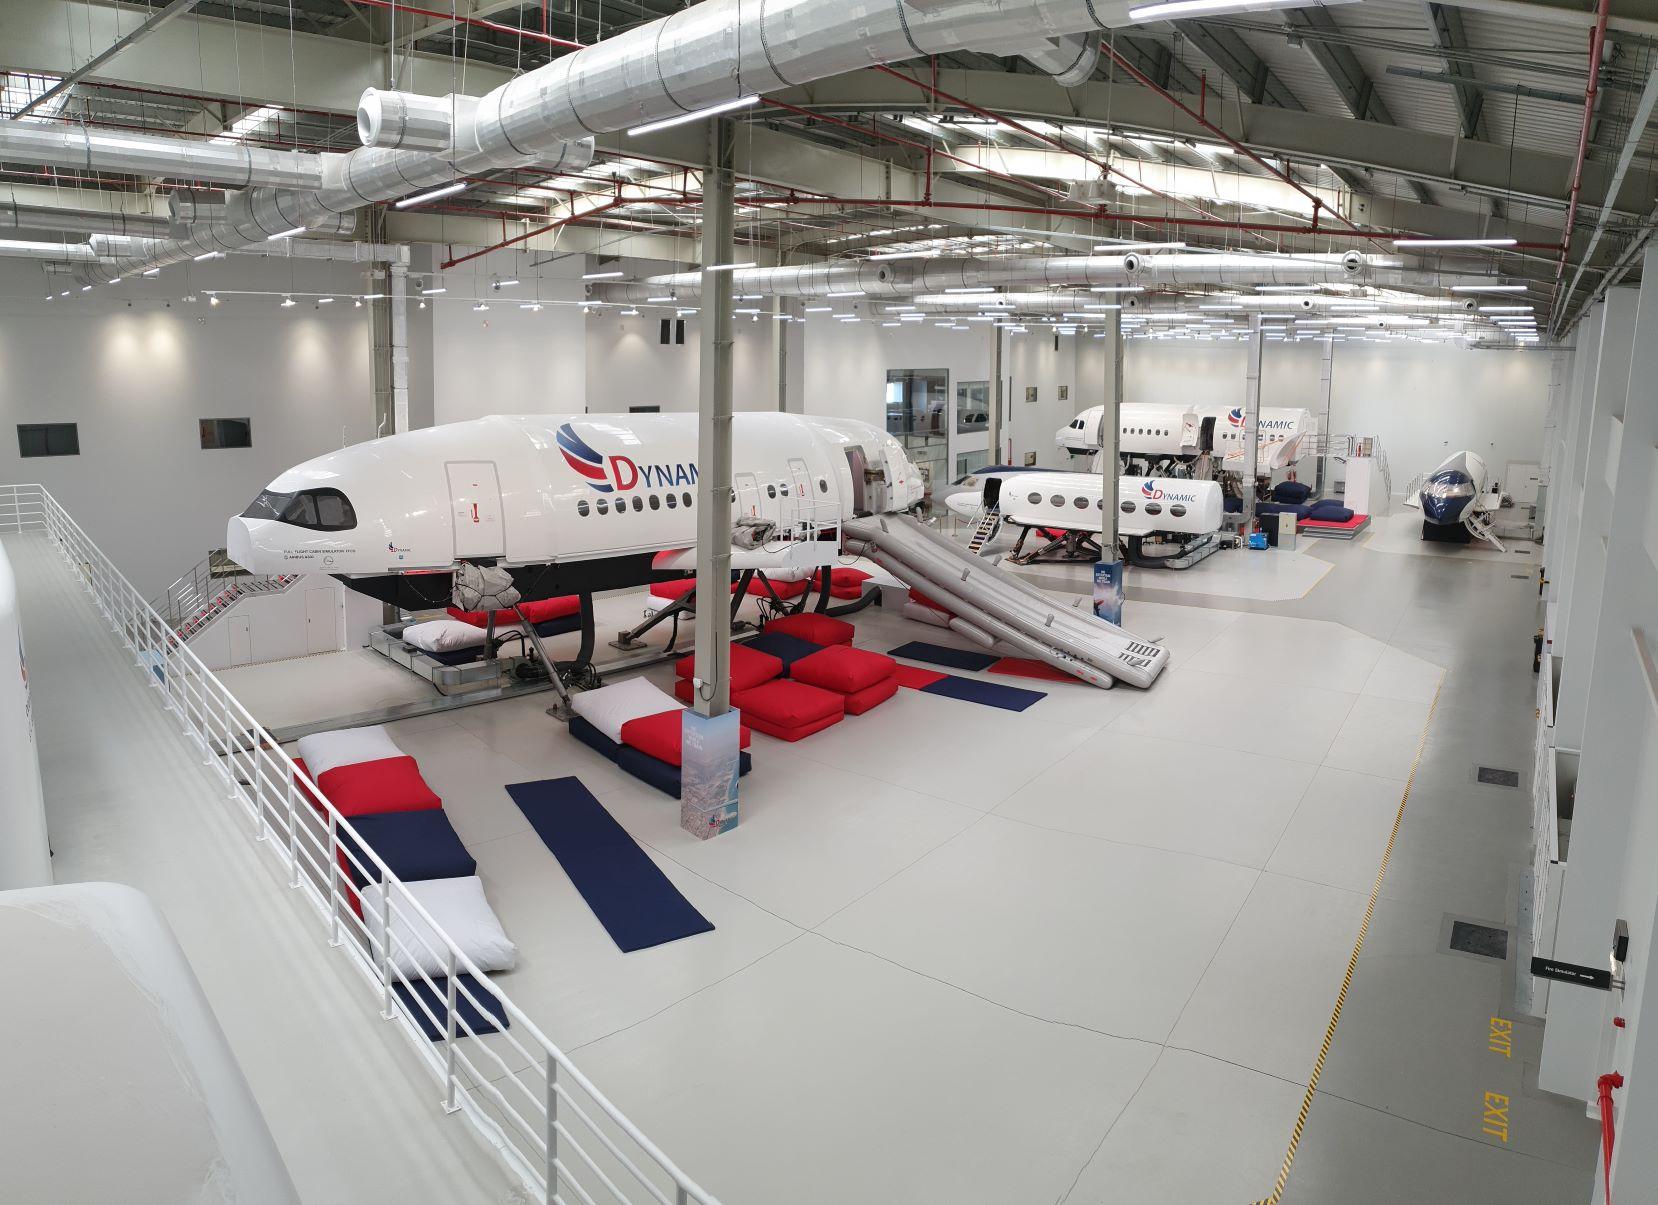 """""""دايناميك"""" للتدريب المتقدم يحصل على الموافقة التنظيمية ليكون أول منشأة تدريبية مستقلة لسلامة الطيران في الشرق الأوسط بدبي"""